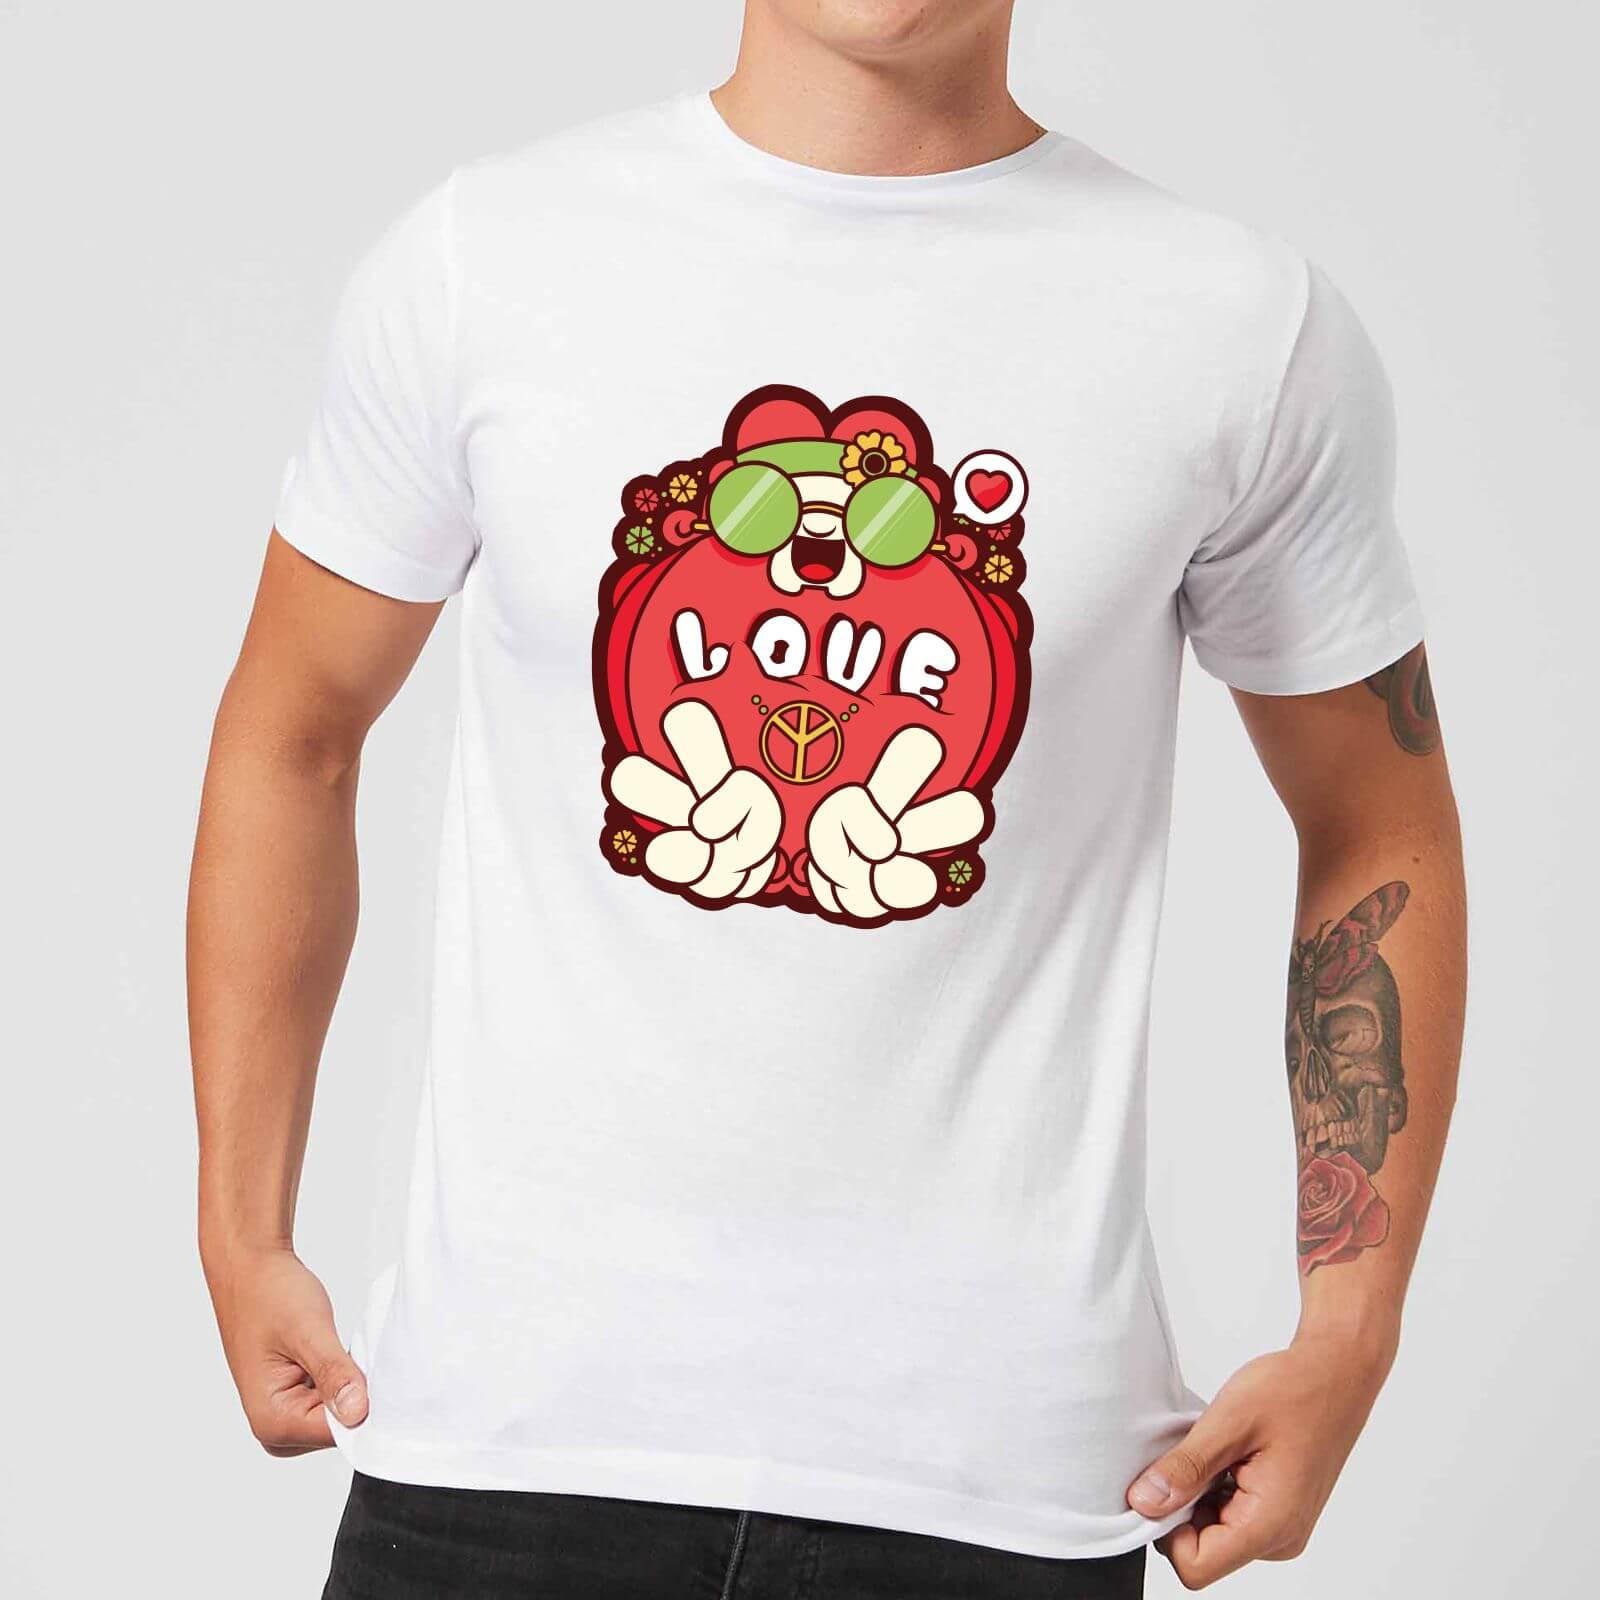 IWOOT Hippie Love Cartoon Men's T-Shirt - White - 3XL - White